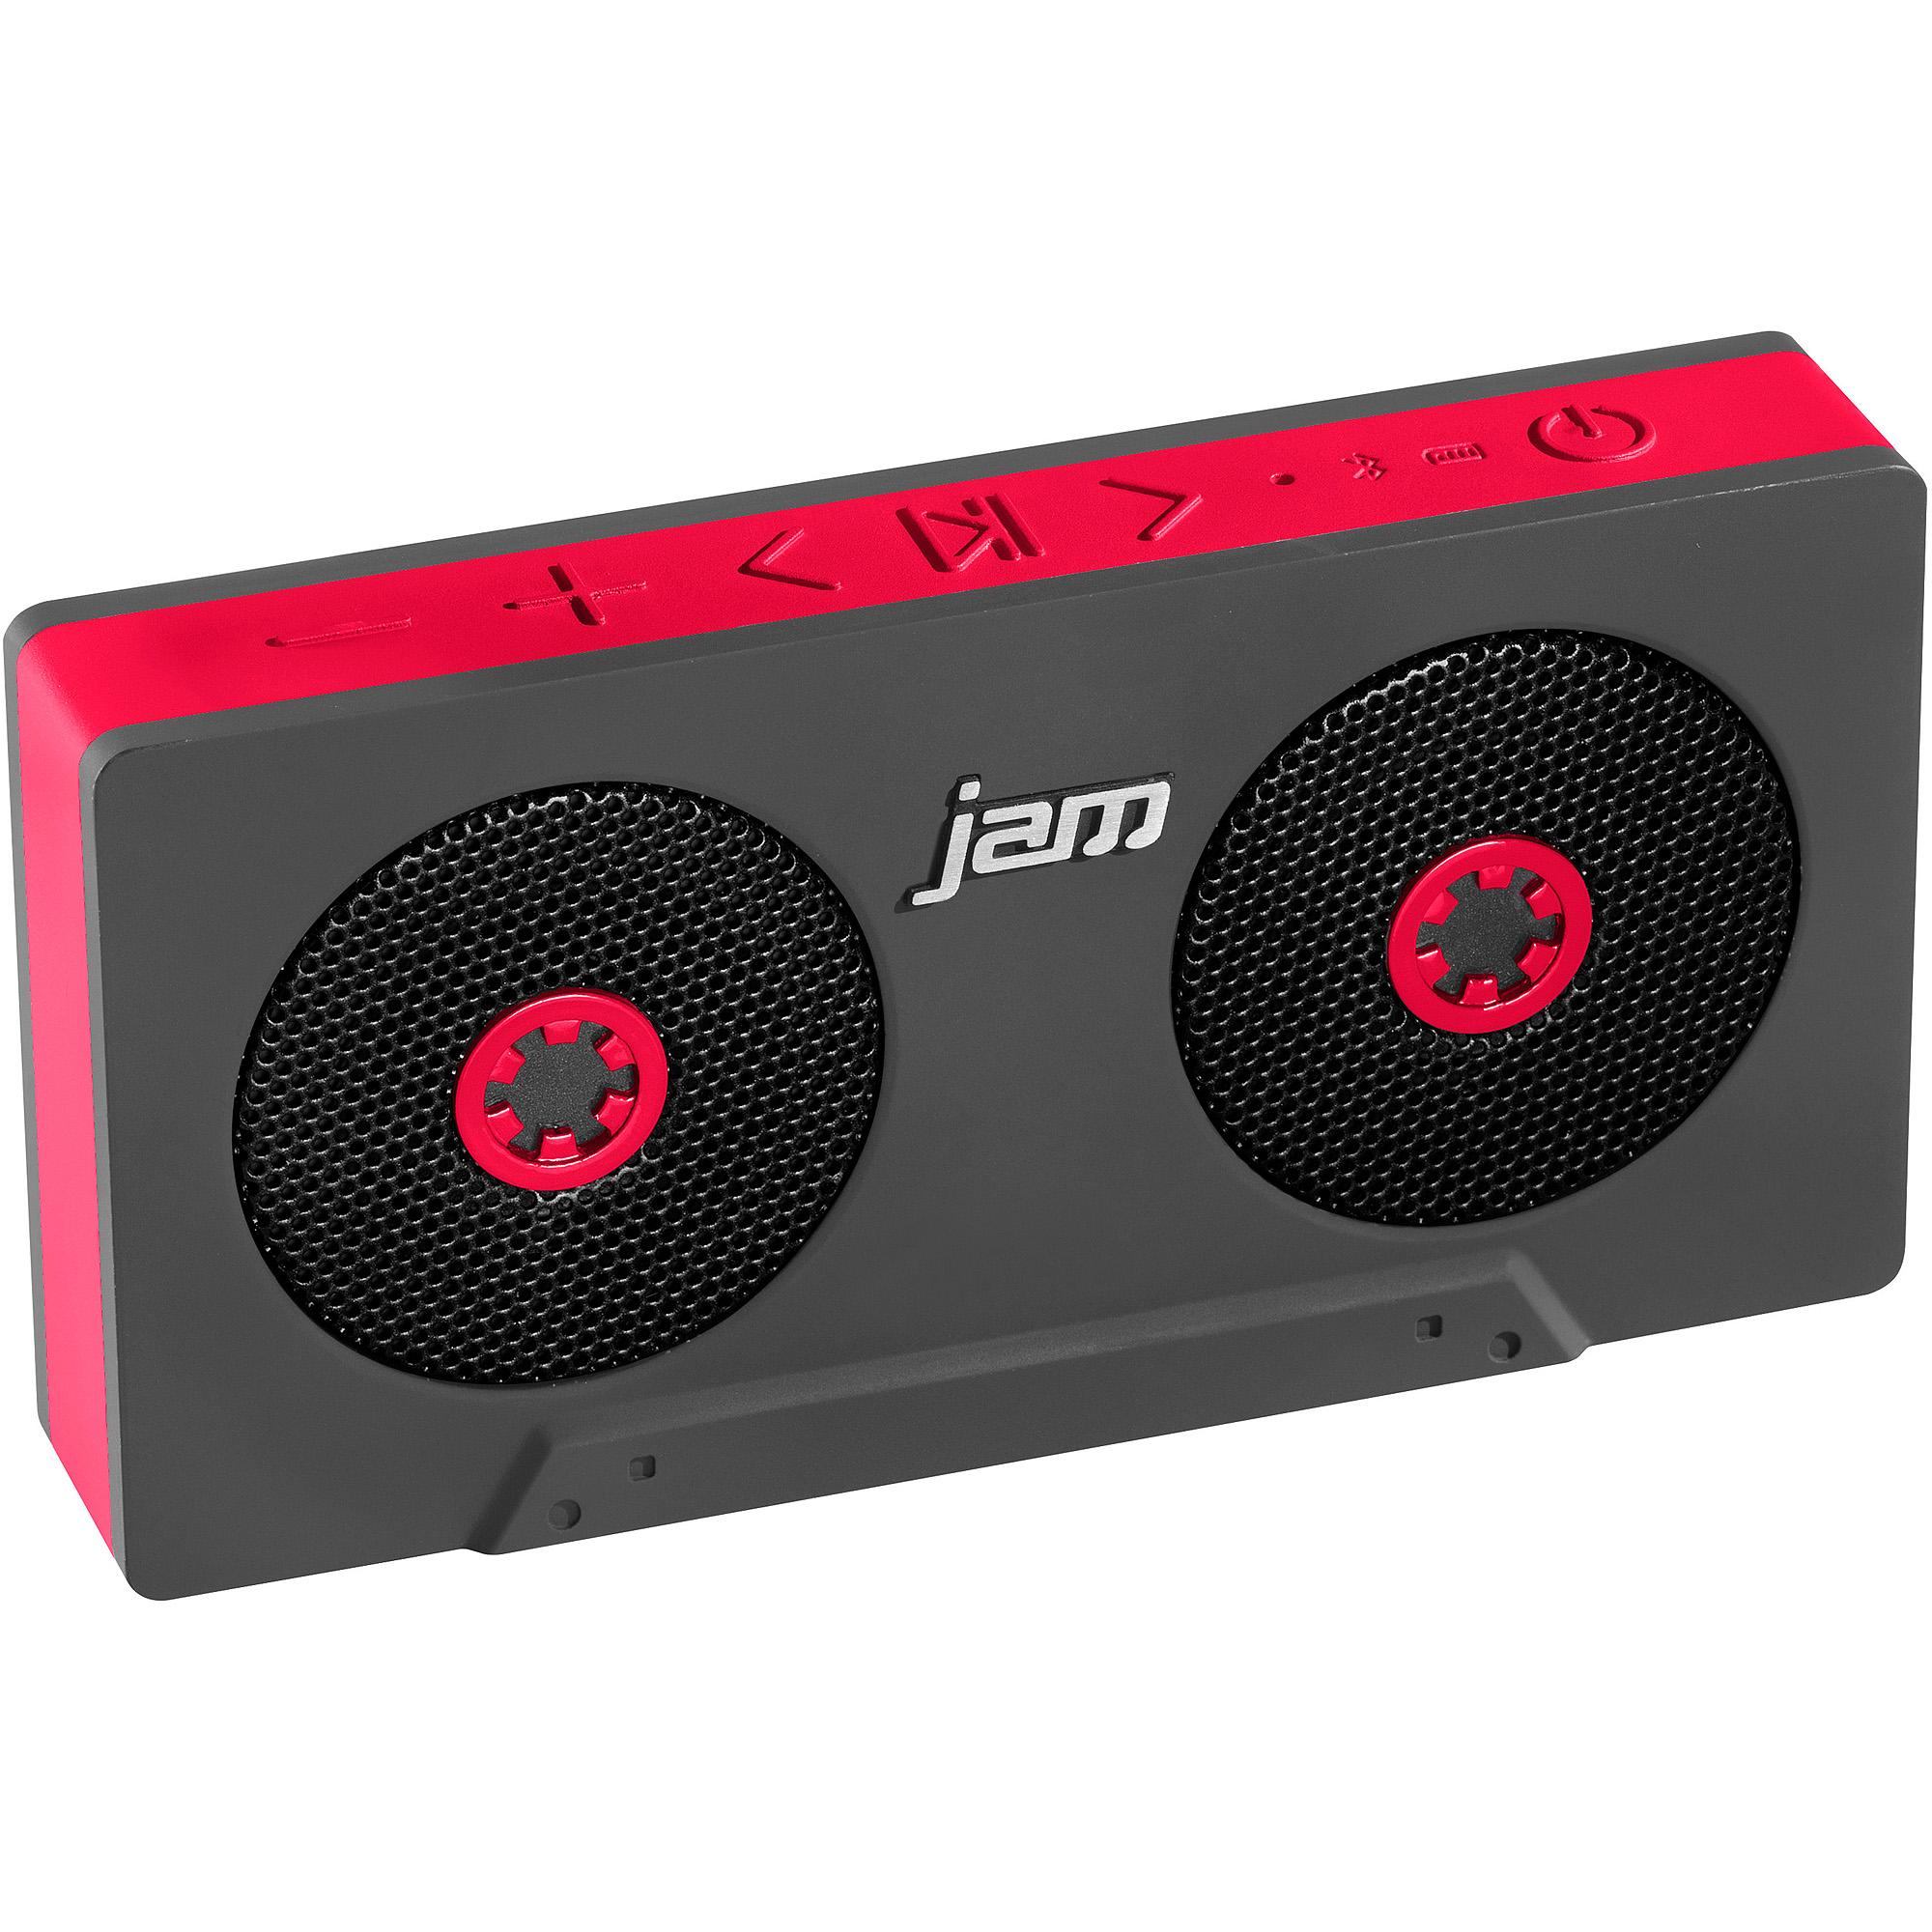 HMDX HX-P540RD Jam Rewind Bluetooth Speaker, Red